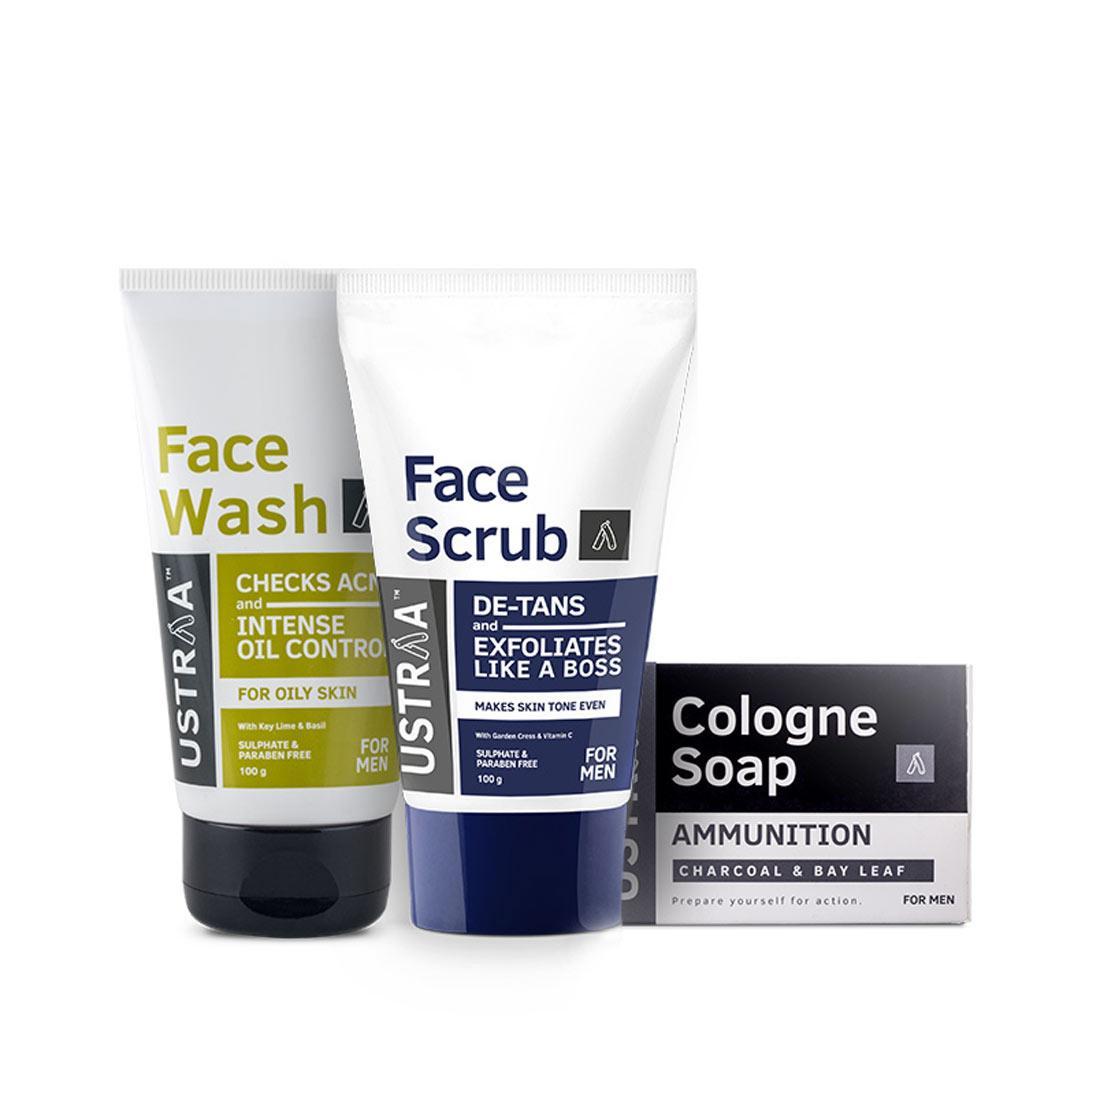 Face Wash - Oily Skin, Face Scrub & Soap - Ammunition